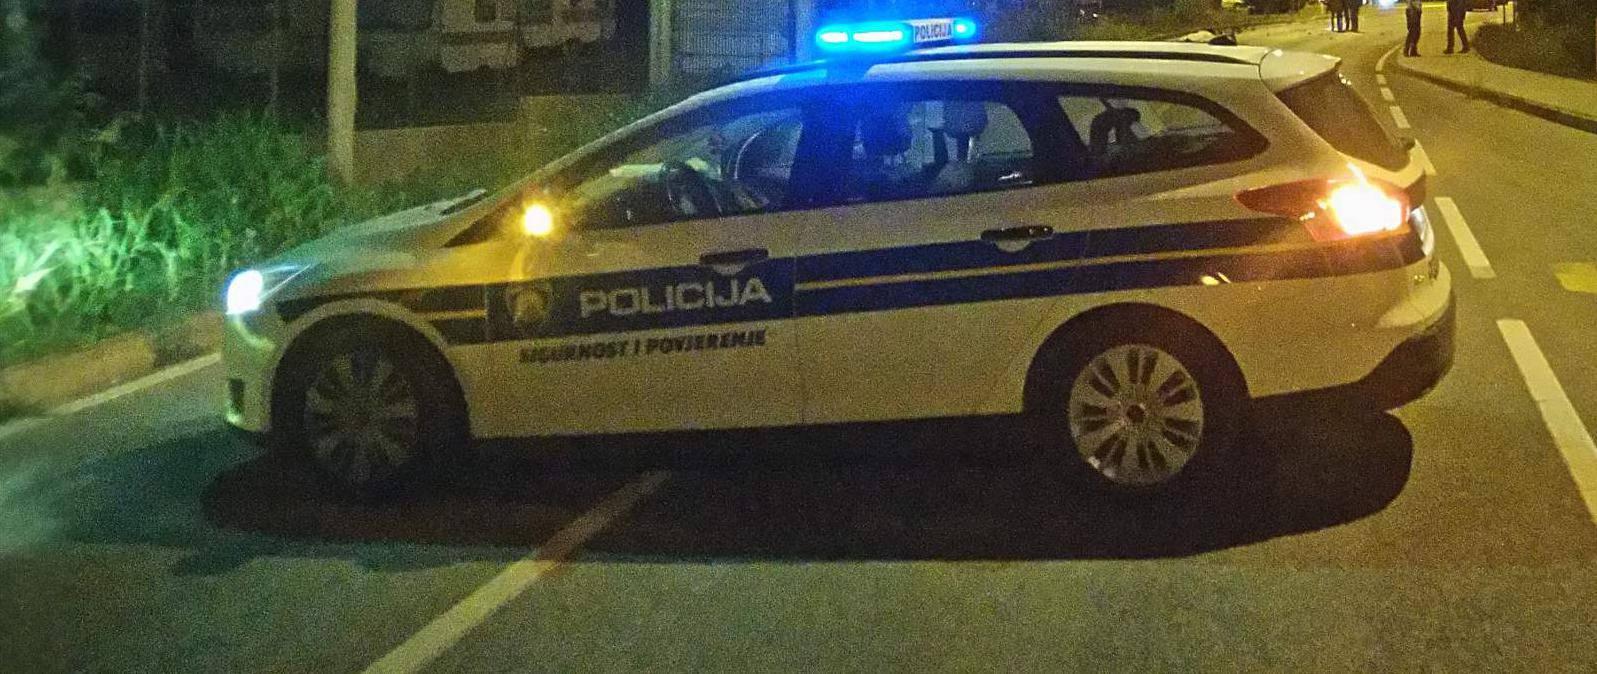 Pijan na motoru pretjecao auto, vozač i djevojka zabili se u stup